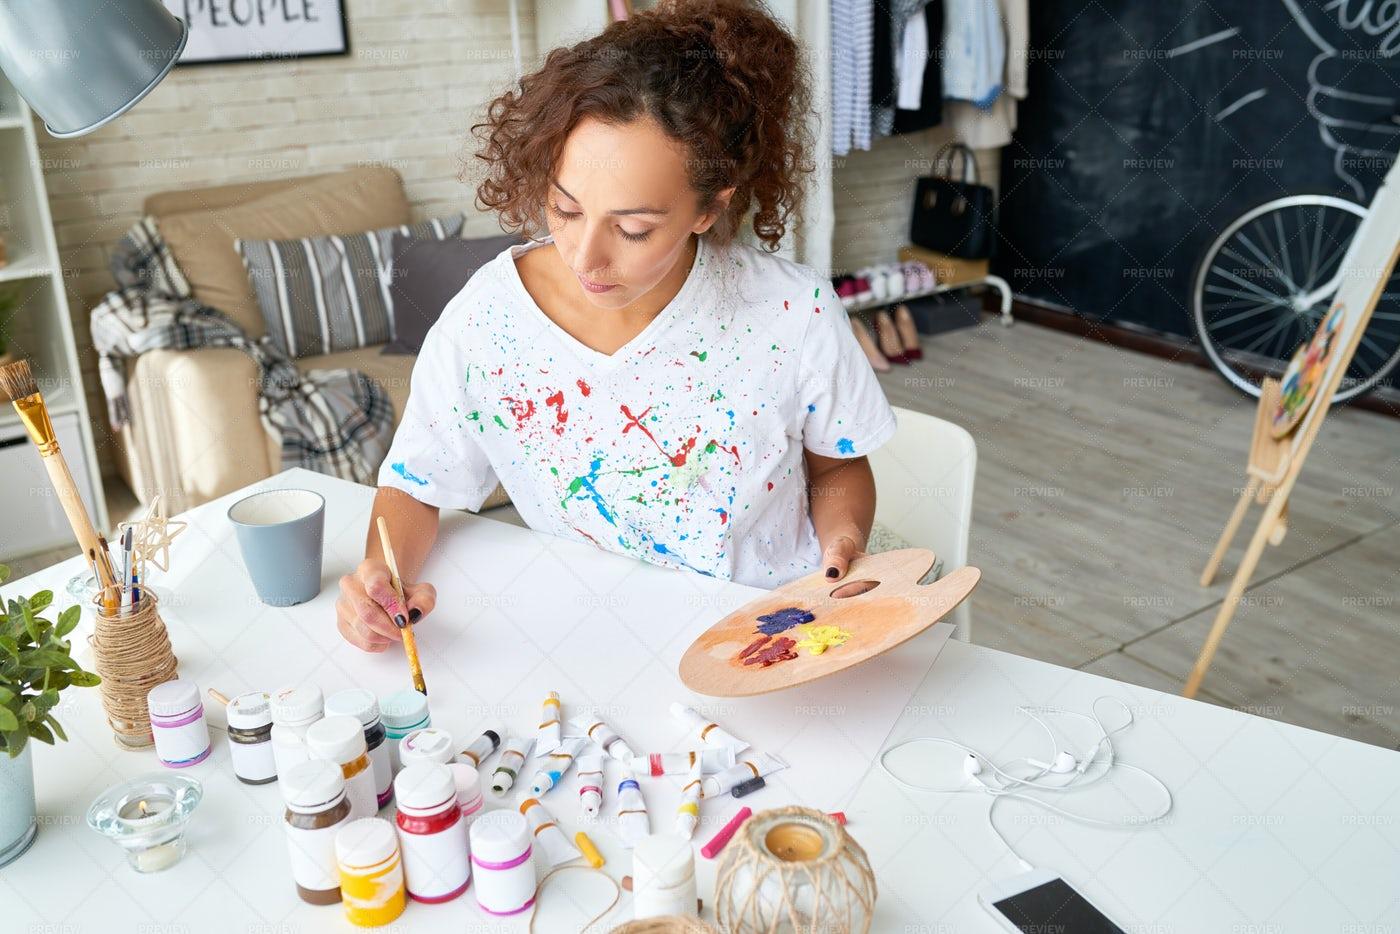 Young Woman Enjoying Hobby: Stock Photos